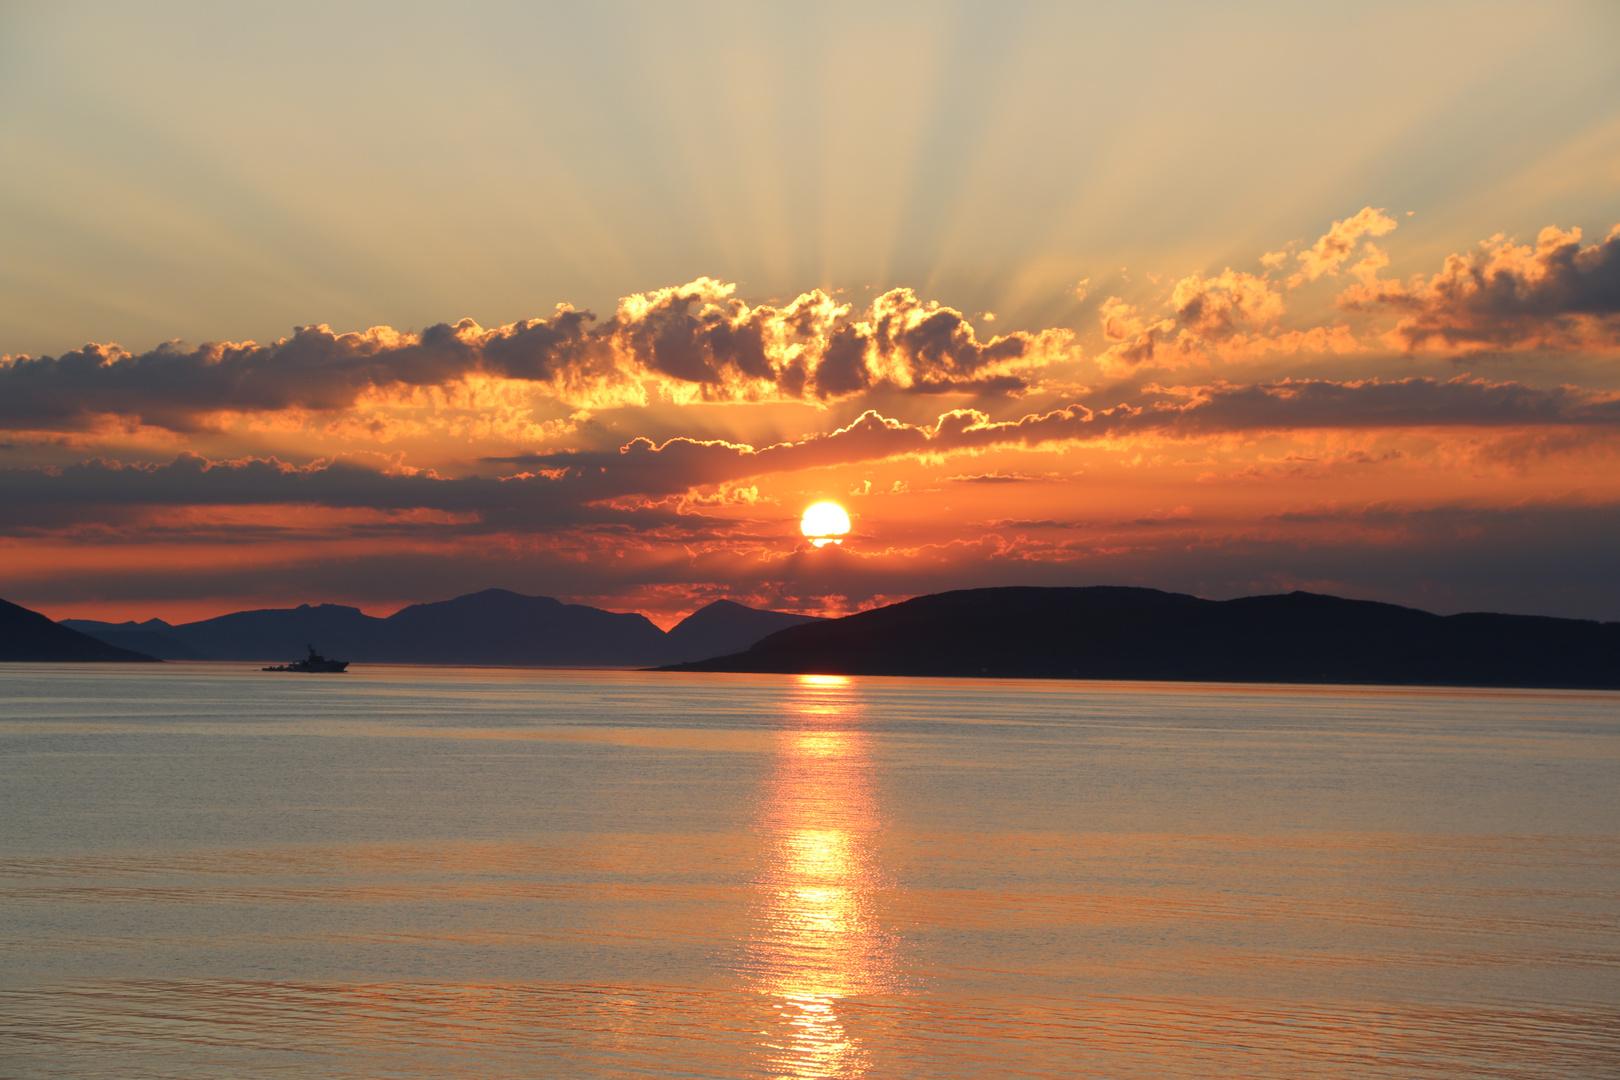 Sonnenuntergang - war dies der Schönste?